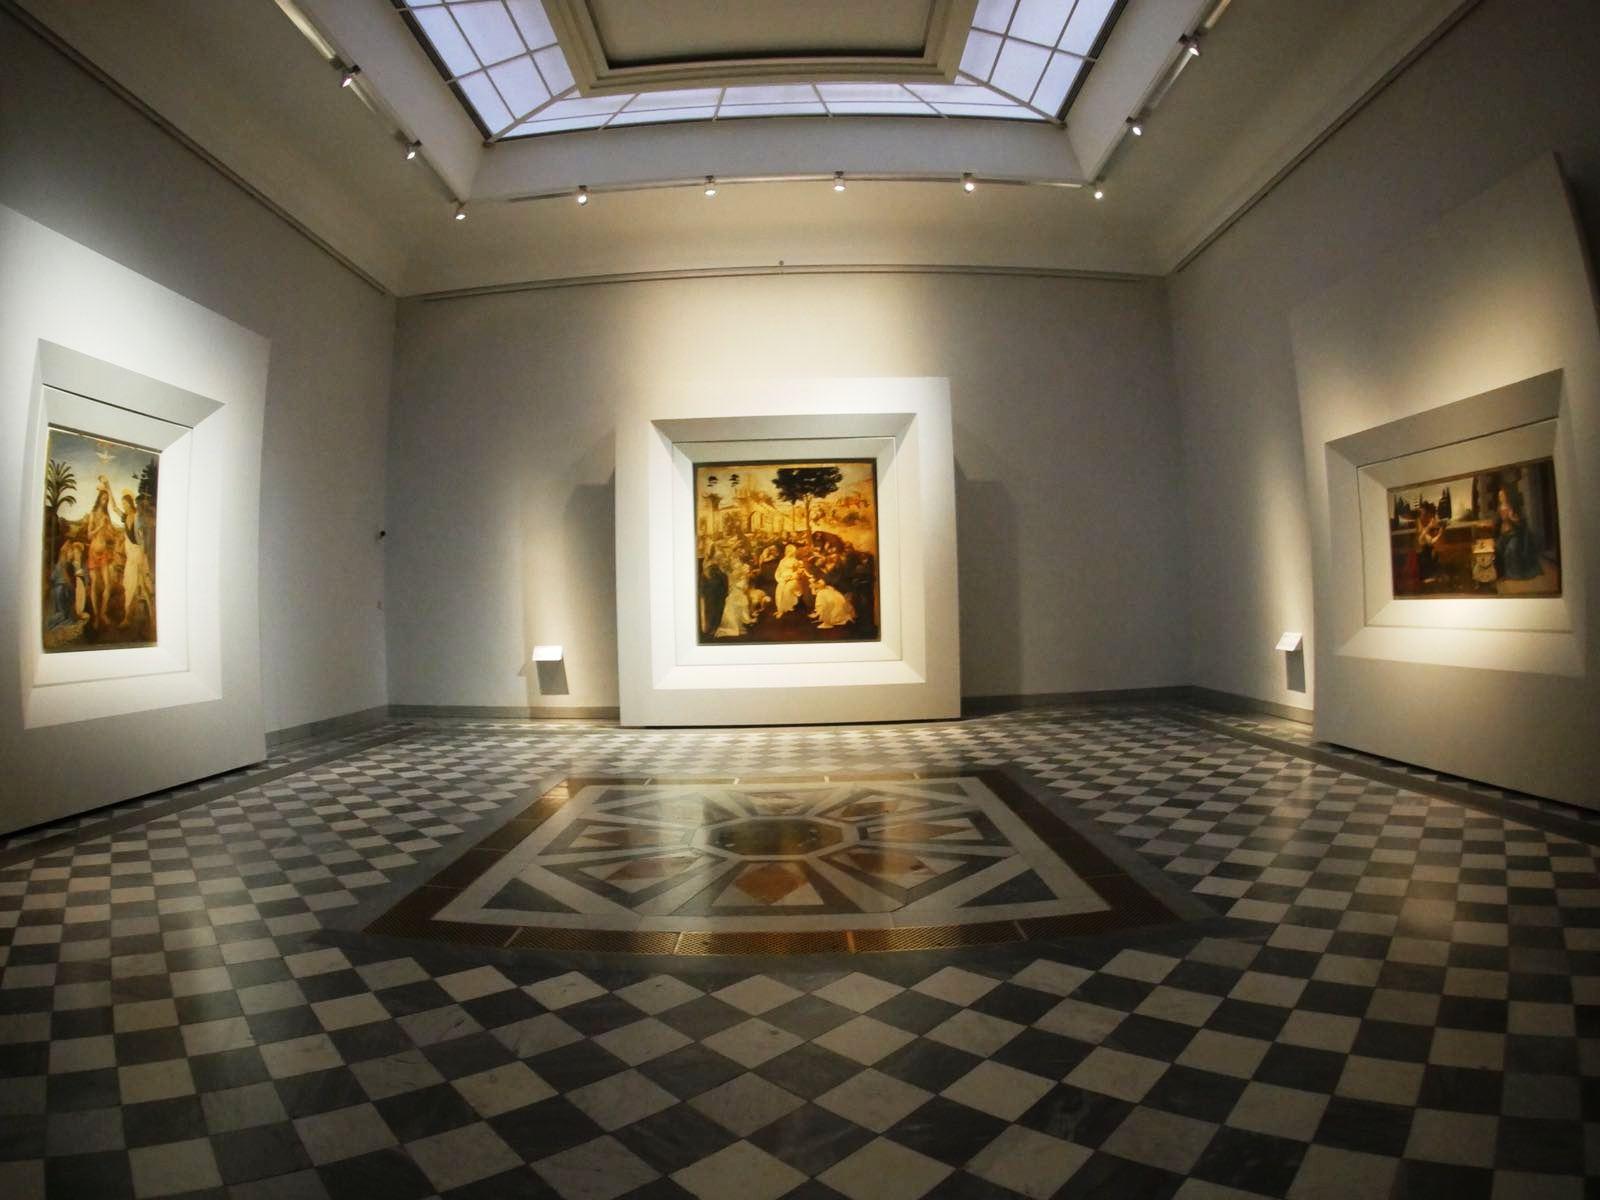 Firenze, Galleria degli Uffizi, nuovo allestimento della sala 35 dedicata a Leonardo da Vinci